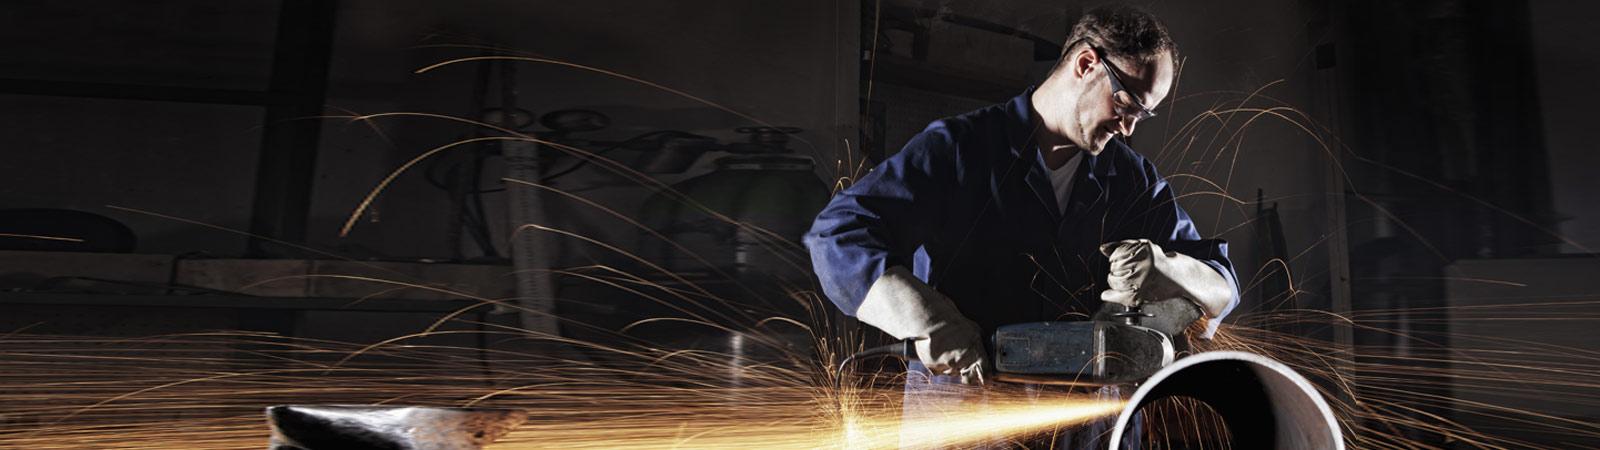 Bedrijfsopticien | Veiligheidsbrillen op sterkte